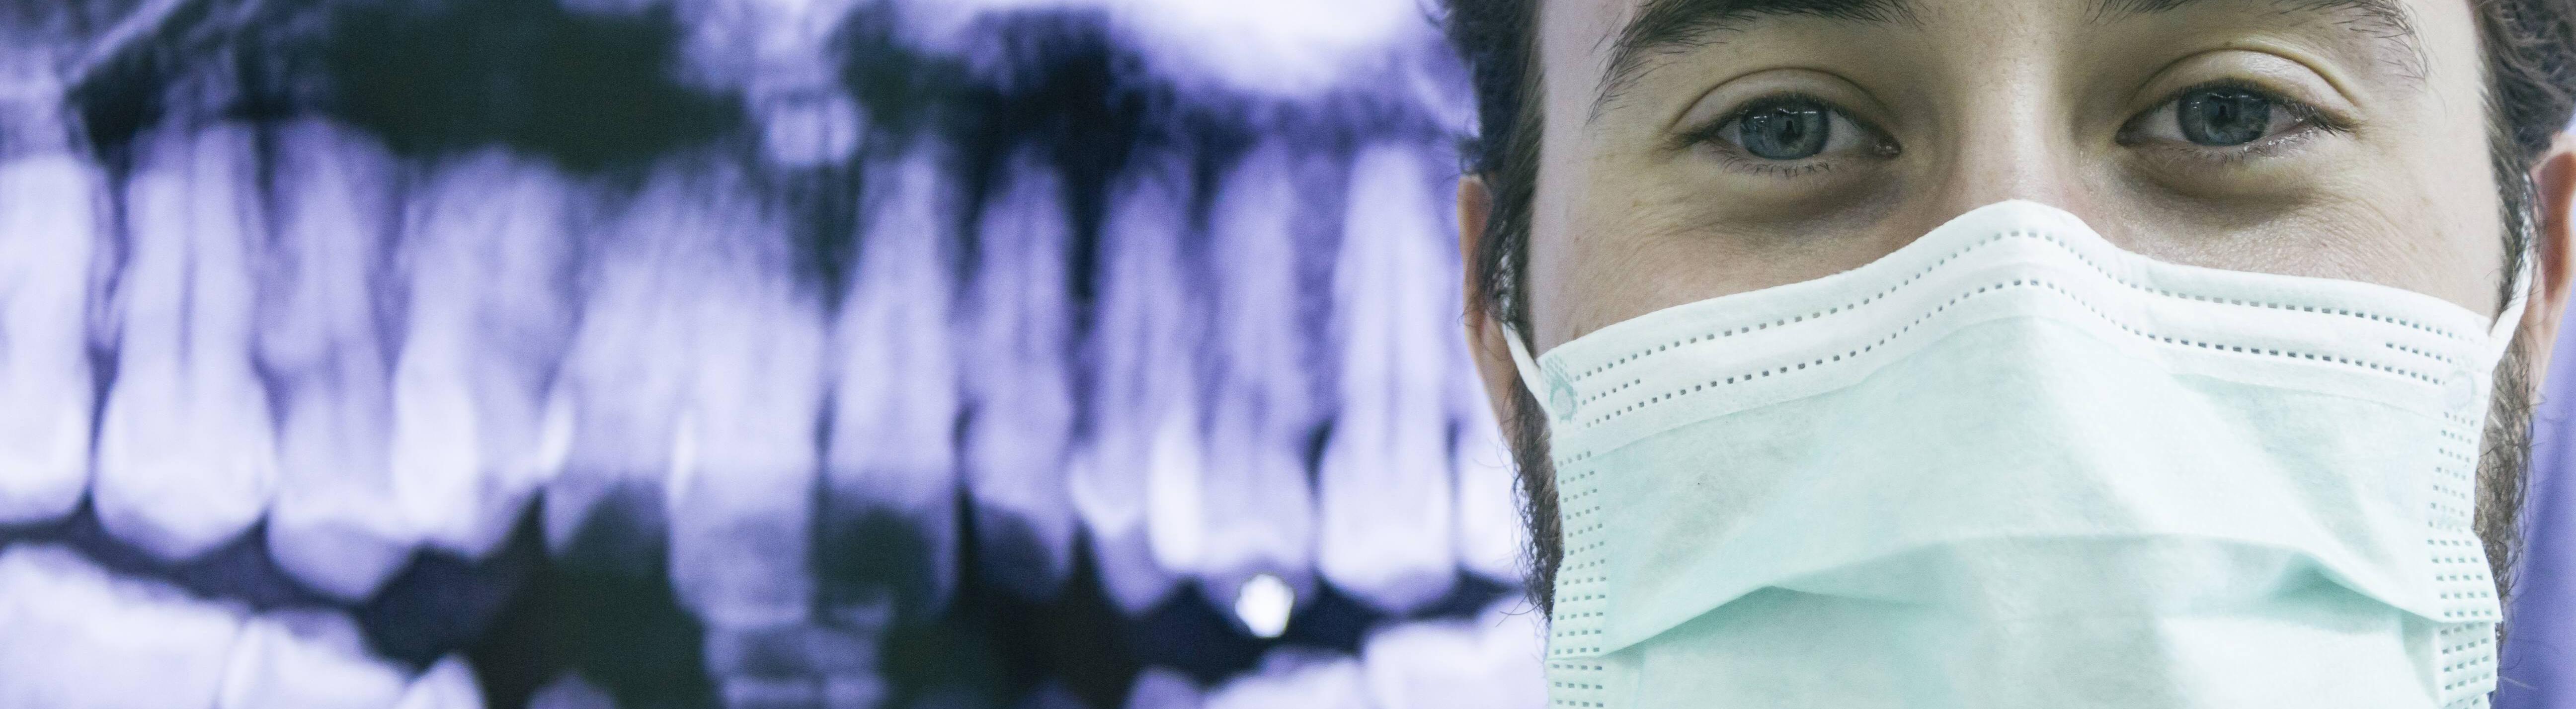 Zahnarzt mit Maske